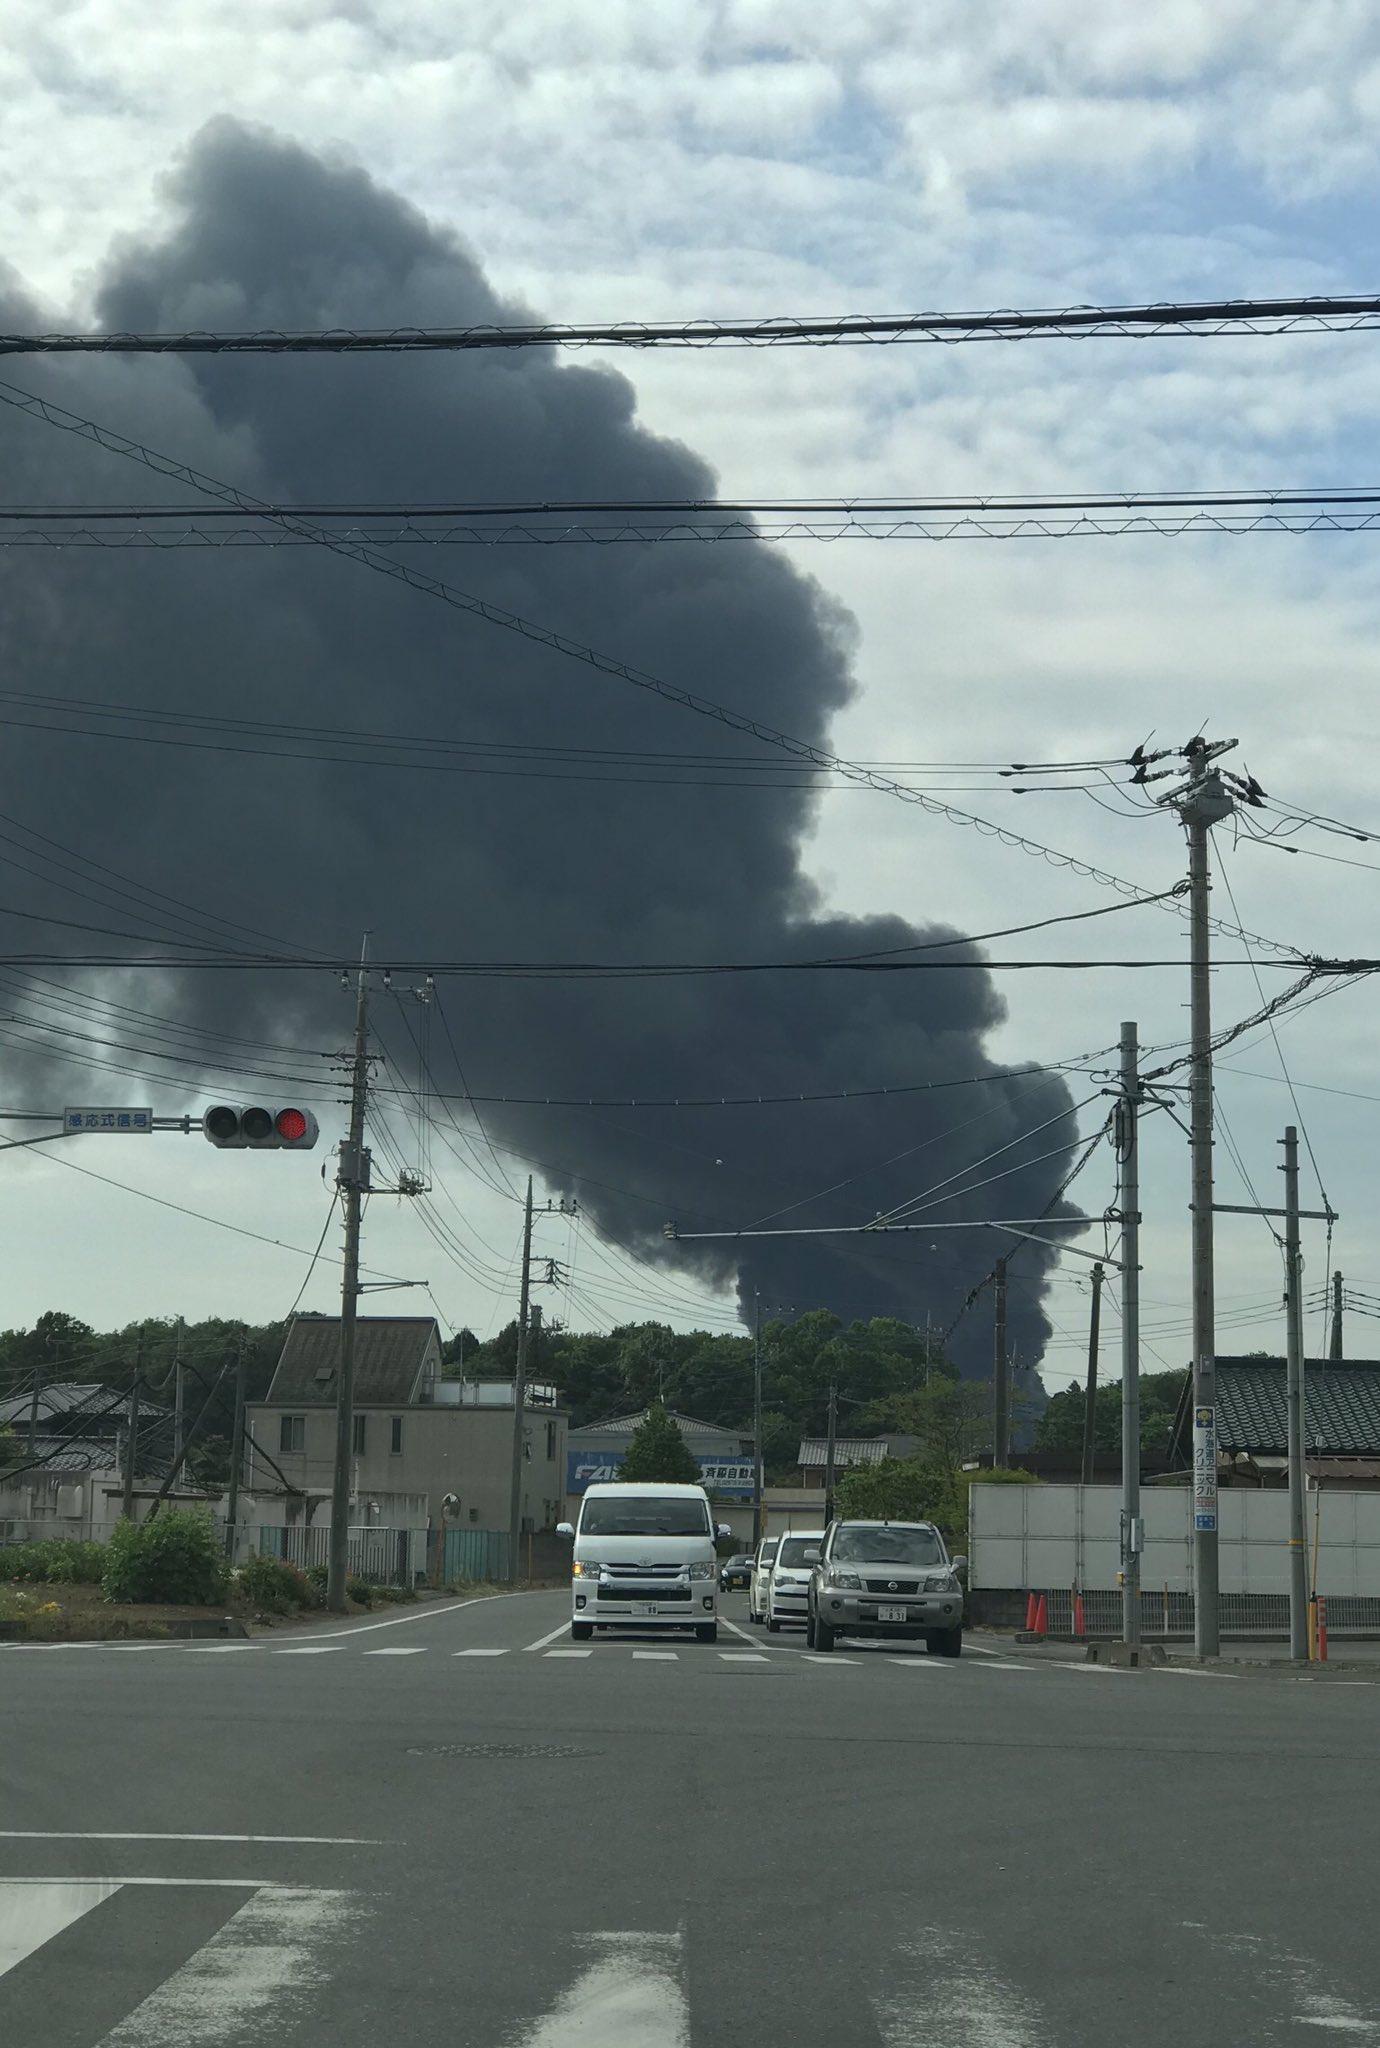 画像,とんでもない黒煙もくもく。工場火災かな? https://t.co/vUlnx9m6xV。